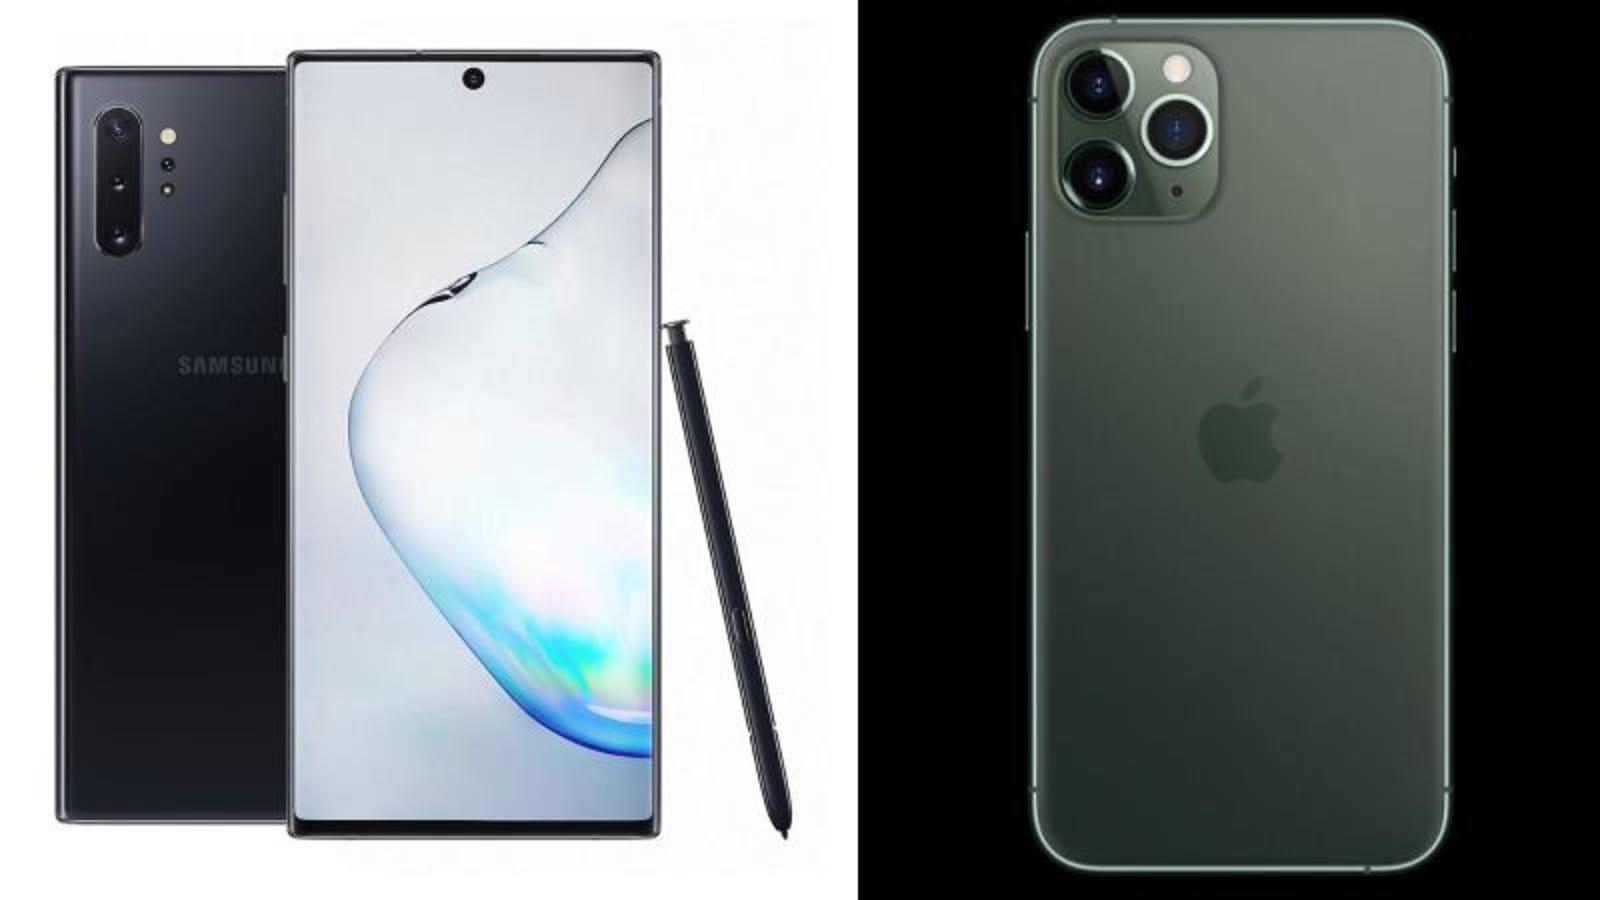 ¿Deberías comprar el iPhone 11 Pro de Apple o el Galaxy Note 10 de Samsung?